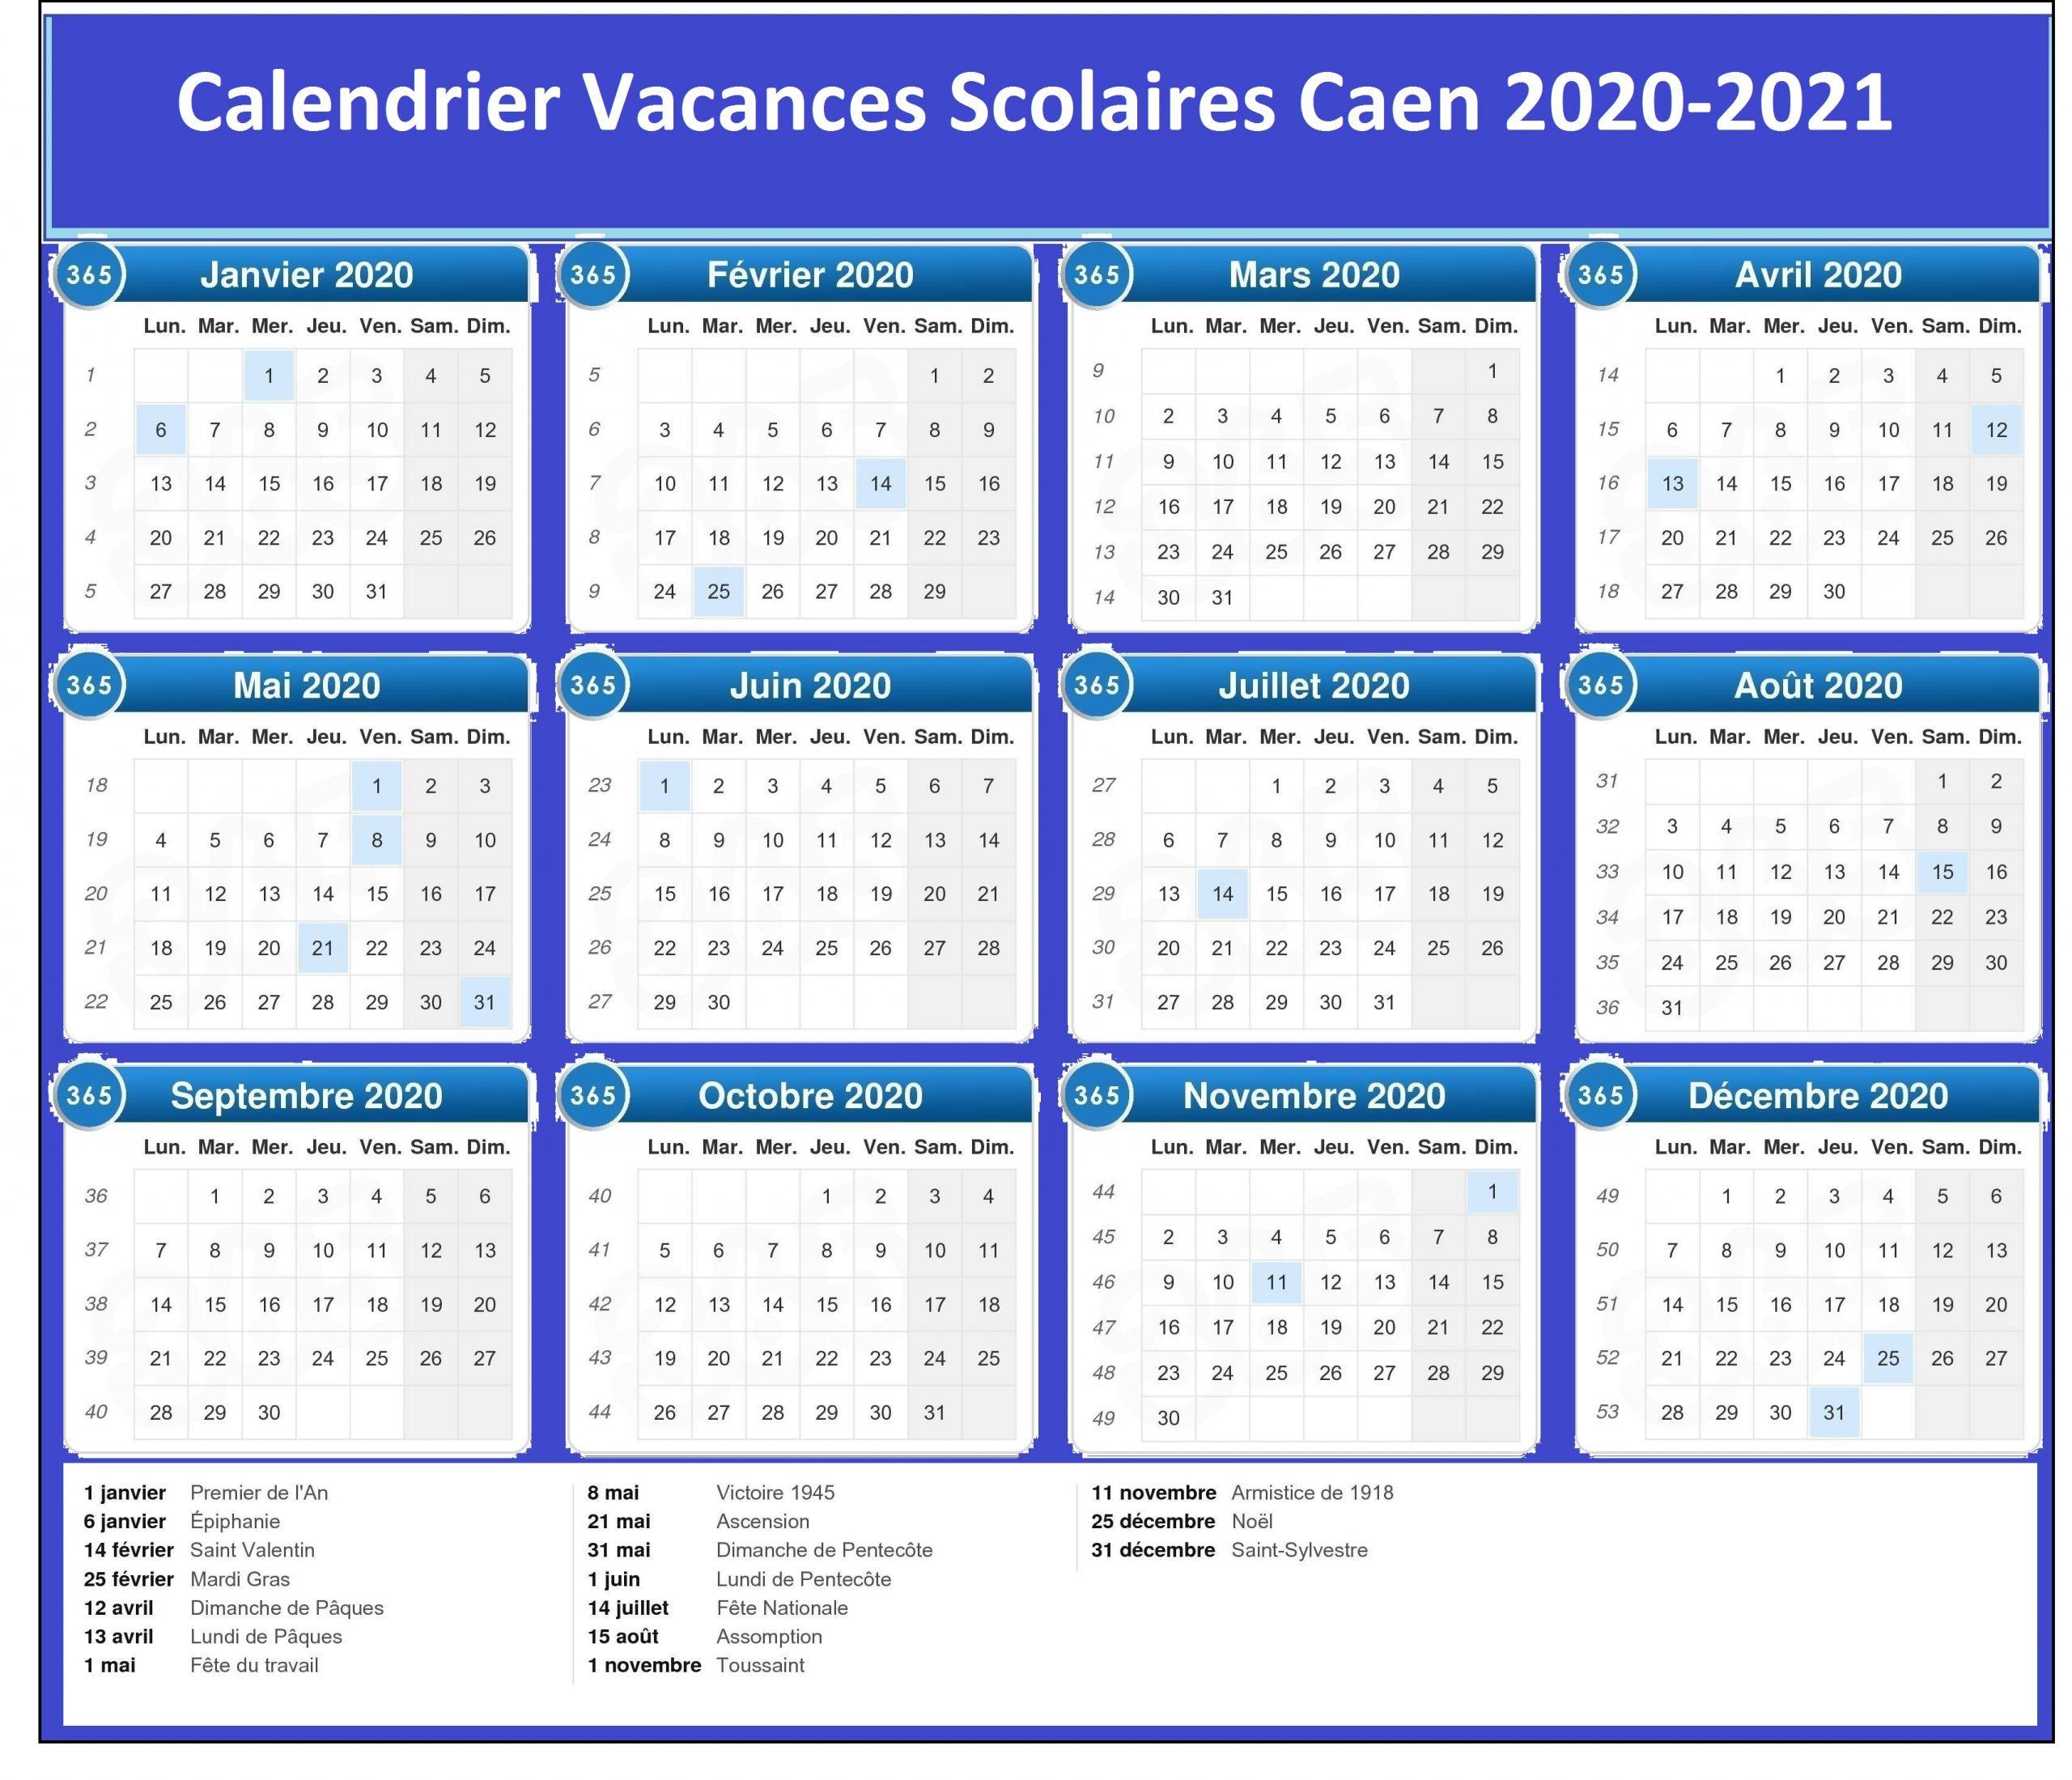 Calendrier Vacances Scolaires 2020 Academie De Caen